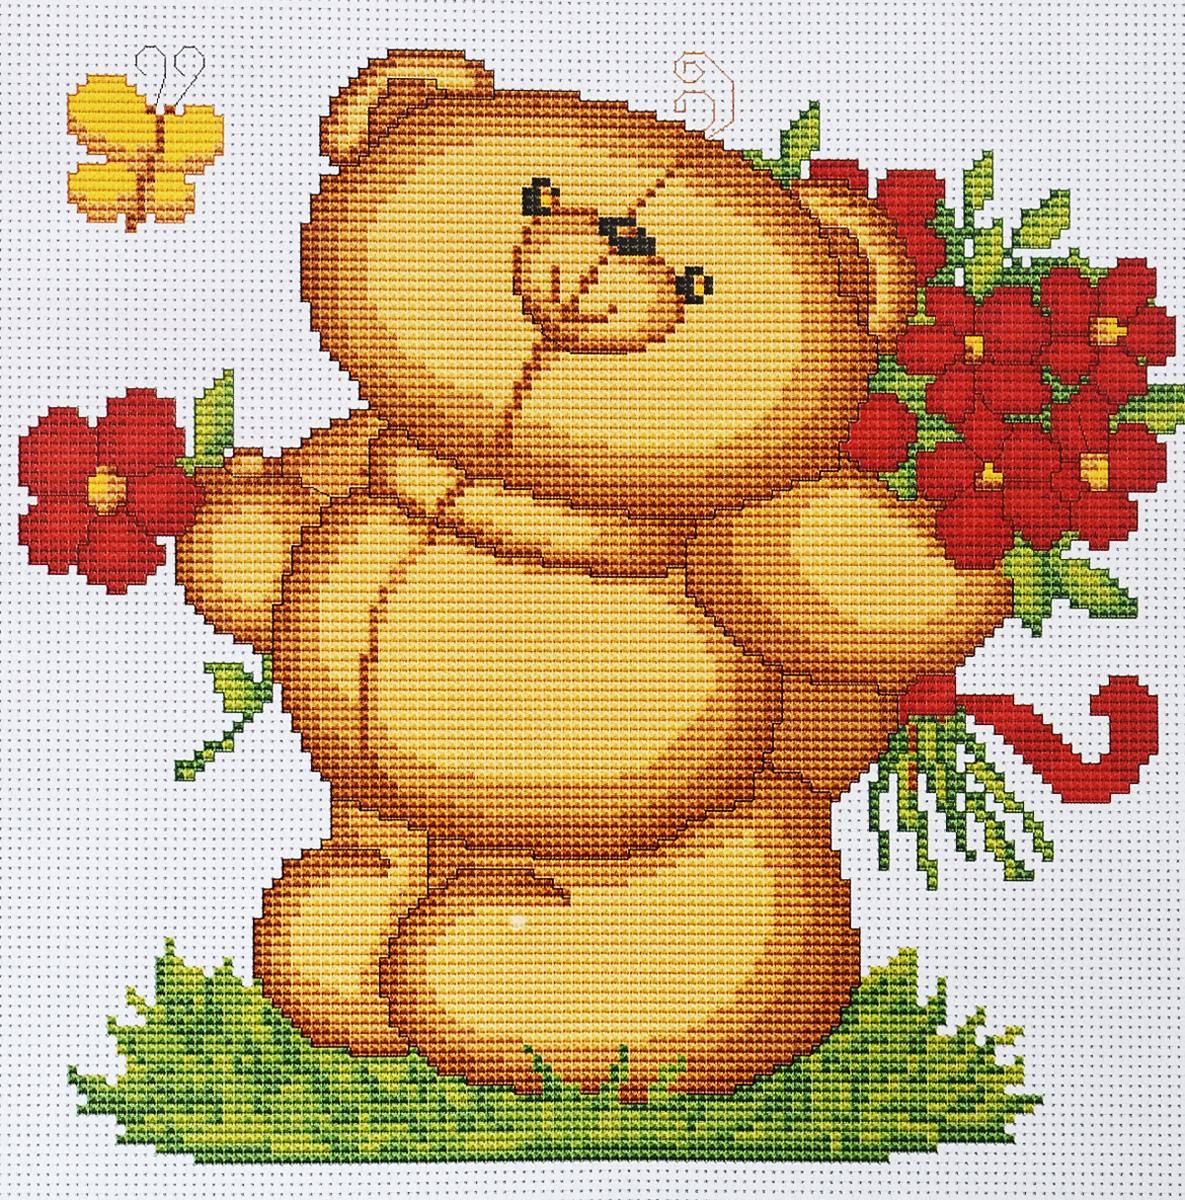 Набор для вышивания крестом Luca-S Медвежонок с цветами, 19,5 х 18 смB171Набор для вышивания крестом Luca-S Медвежонок с цветами поможет создать красивую вышитую картину. Рисунок-вышивка, выполненный на канве, выглядит стильно и модно. Вышивание отвлечет вас от повседневных забот и превратится в увлекательное занятие! Работа, сделанная своими руками, не только украсит интерьер дома, придав ему уют и оригинальность, но и будет отличным подарком для друзей и близких! Набор содержит все необходимые материалы для вышивки на канве в технике счетный крест. В набор входит: - канва Aida Zweigart №16 (белого цвета), - мулине Anchor - 100% мерсеризованный хлопок (15 цветов), - черно-белая символьная схема, - инструкция на русском языке, - игла. Размер готовой работы: 19,5 х 18 см. Размер канвы: 28 х 30 см.